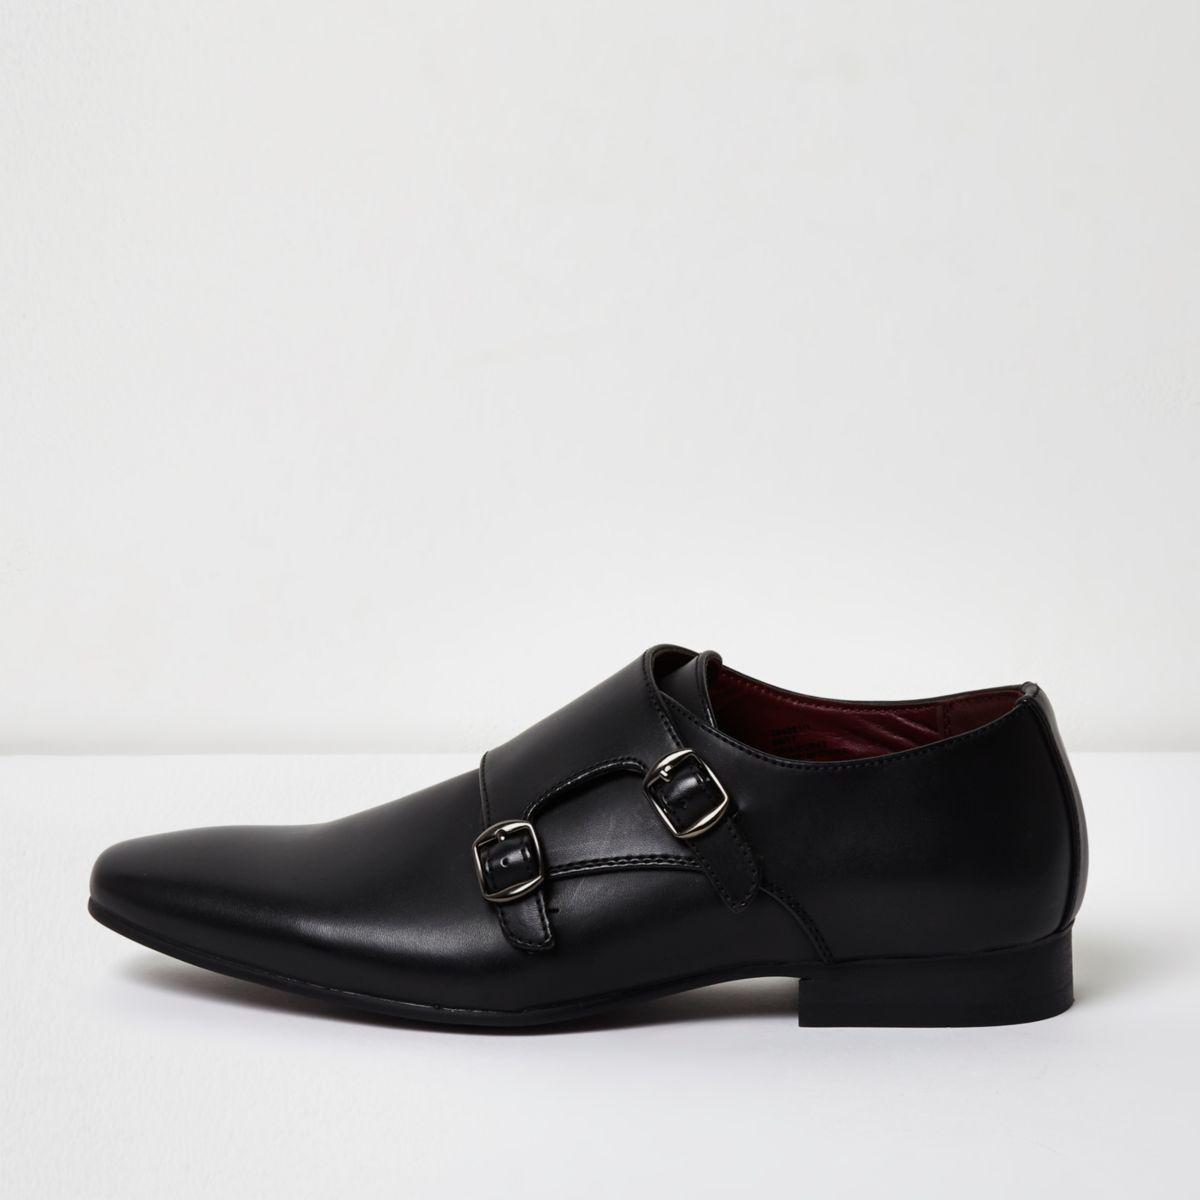 Chaussures noires avec bride et boucle